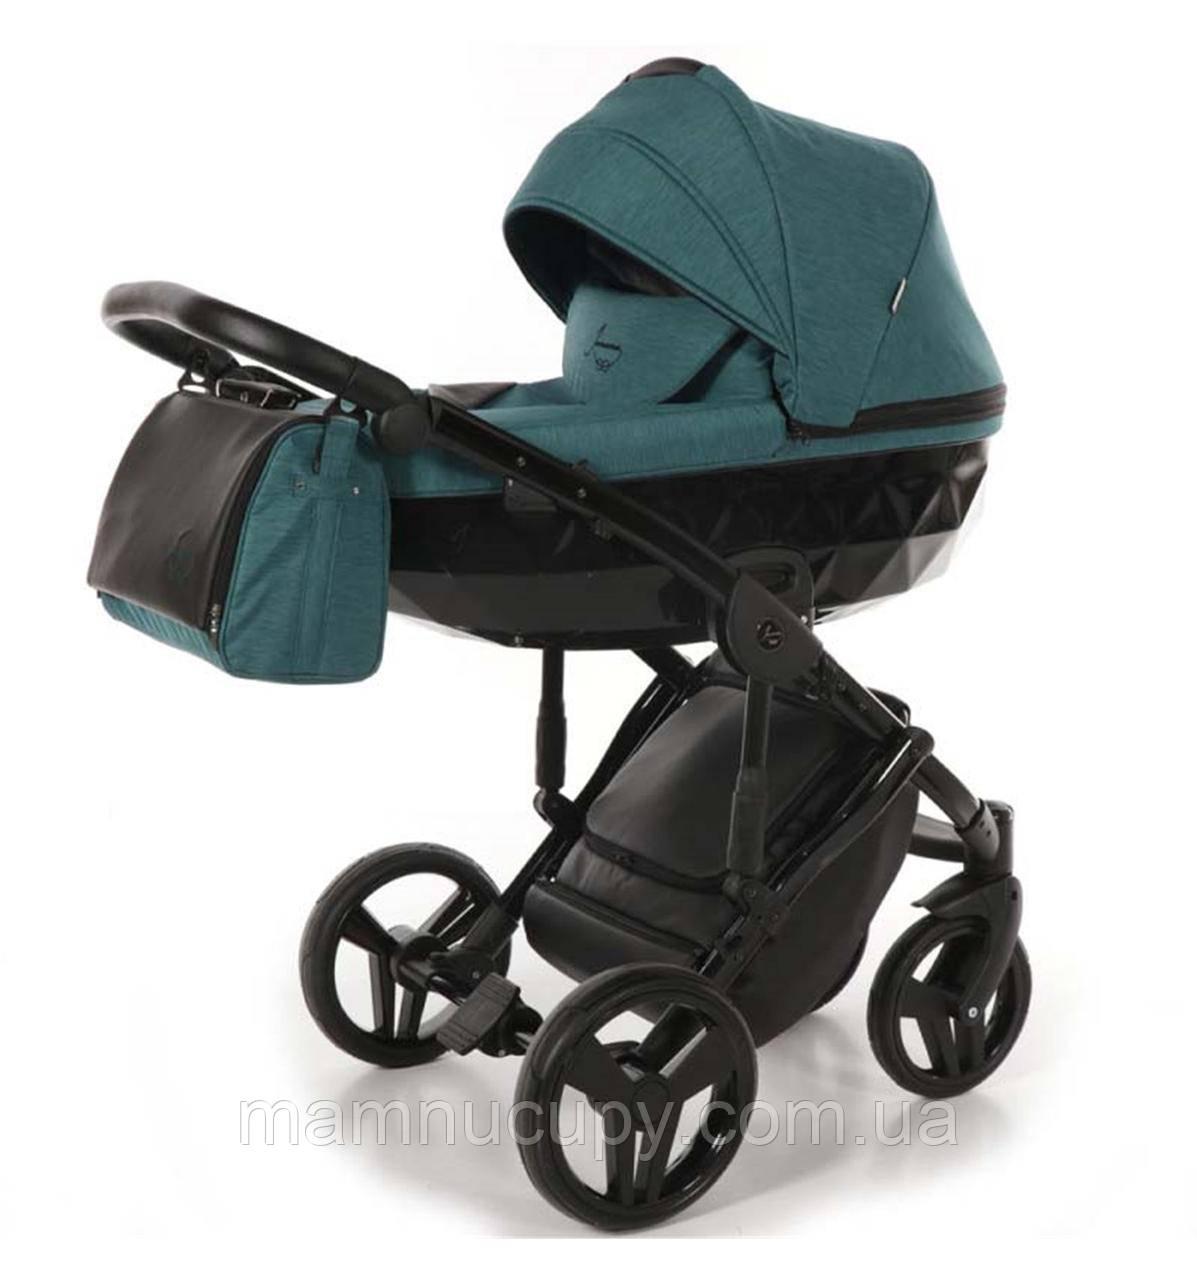 Детская универсальная коляска 2 в 1 Tako Junama Diamond 08